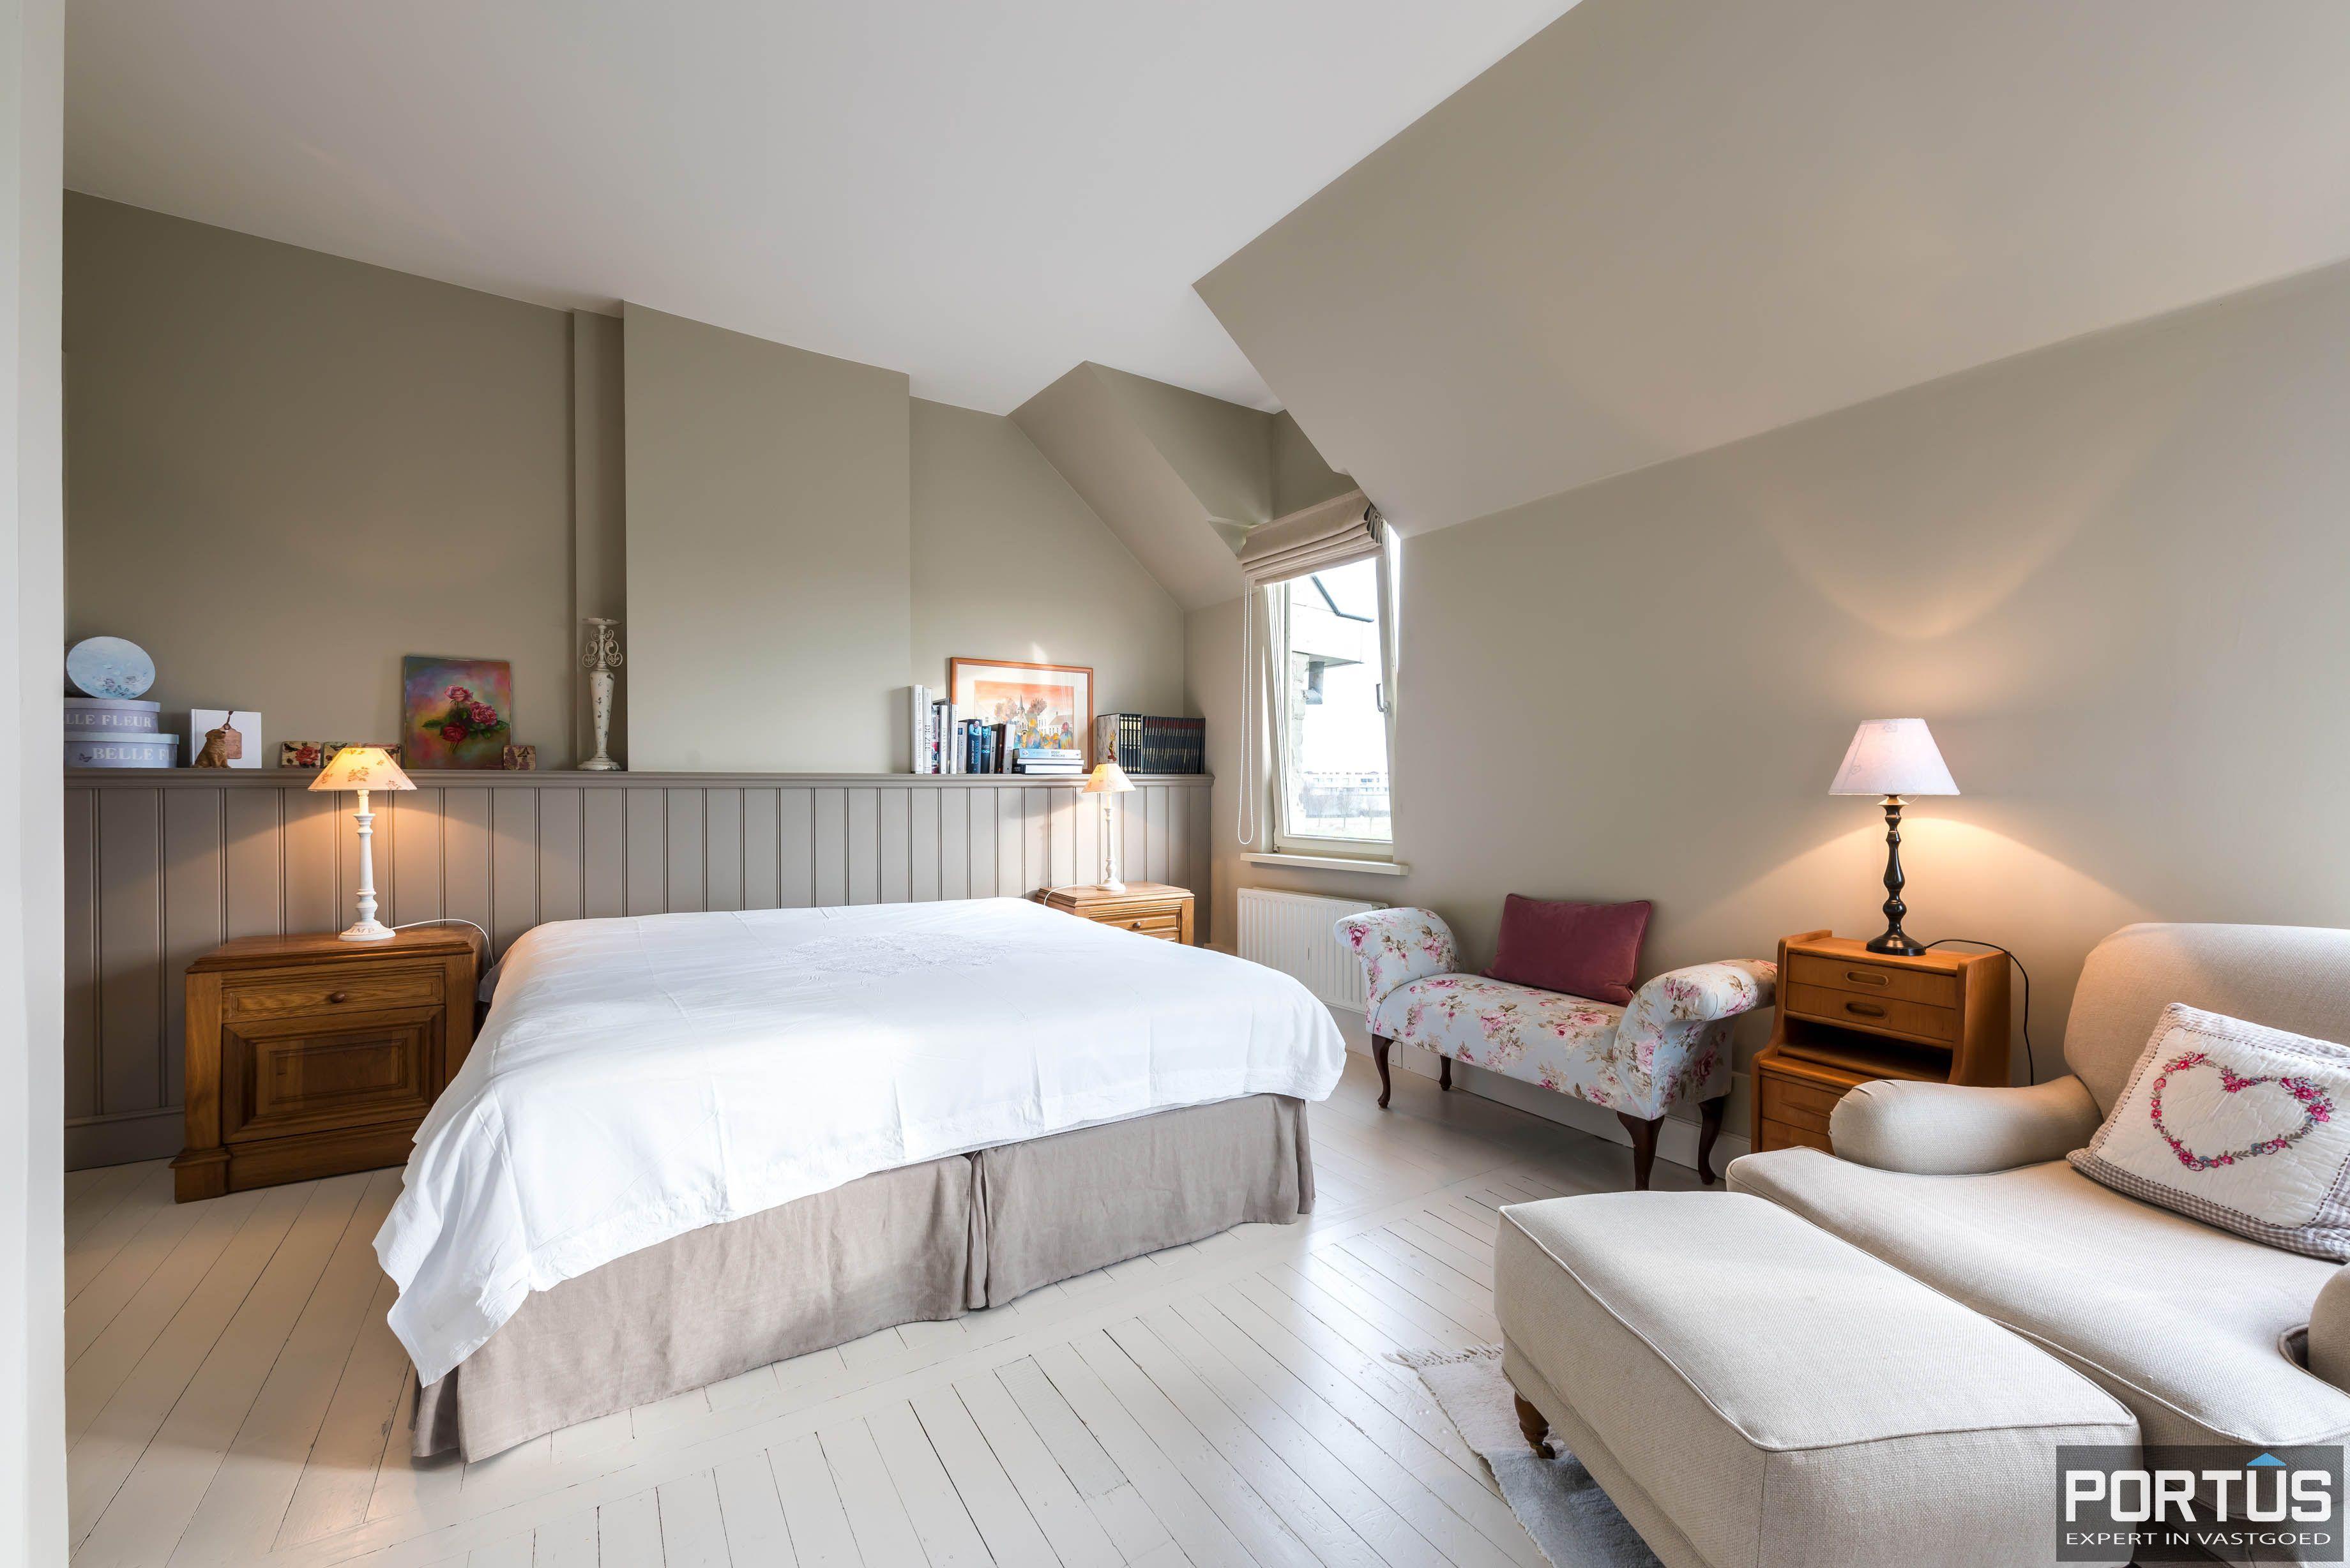 Villa/B&B te koop Westende met 6 slaapkamers - 5461